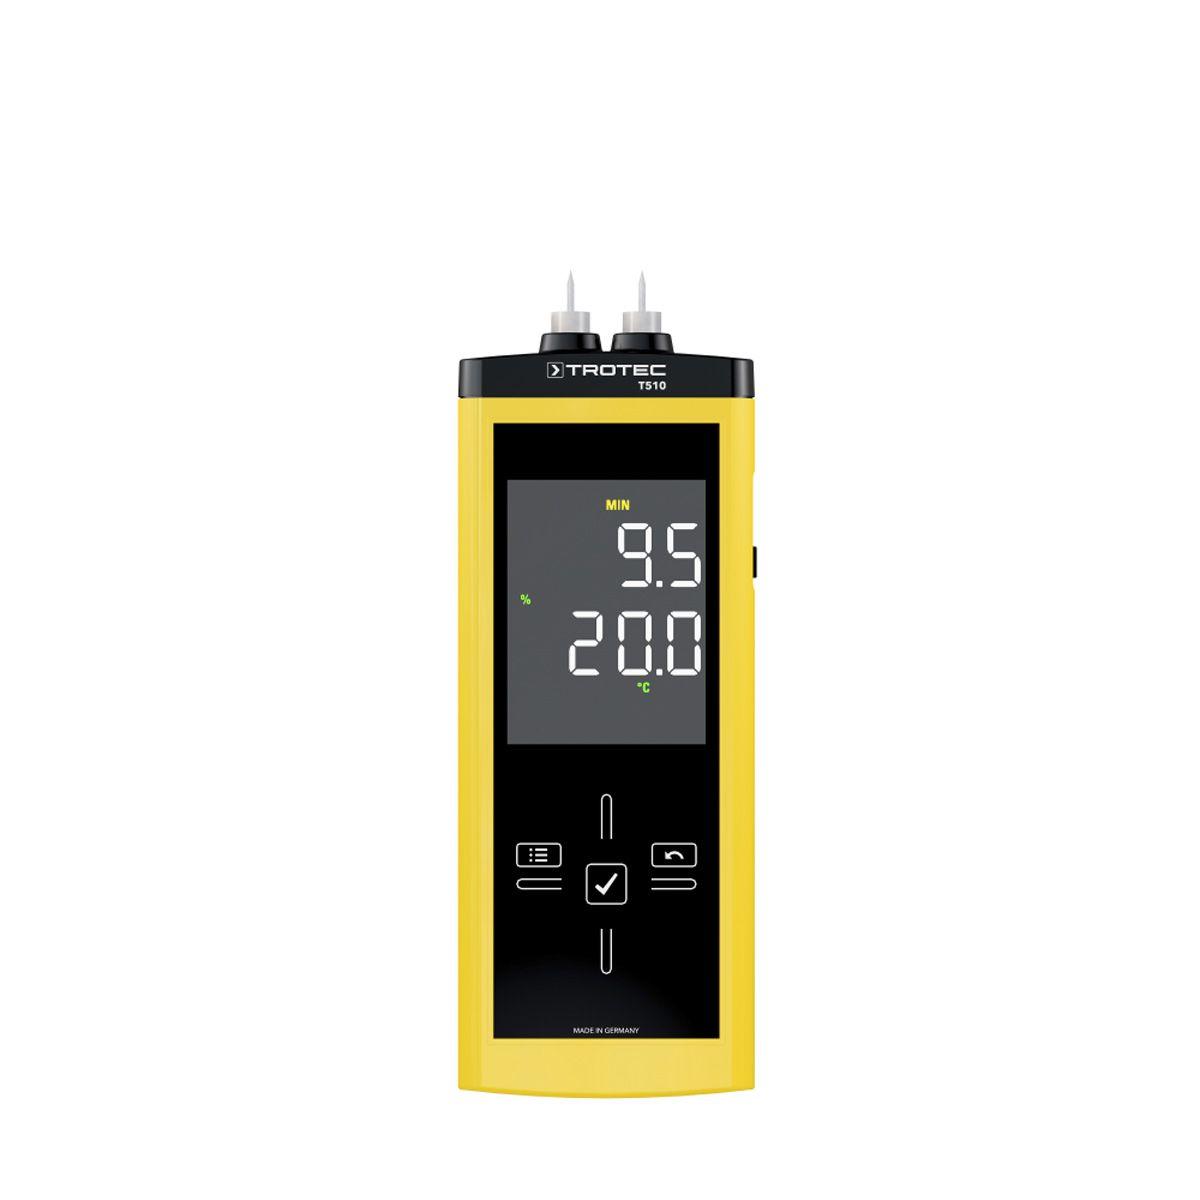 Feuchtemessgerät, T510, gelb/schwarz, 0-100 Digit, 0-100 % r.F.